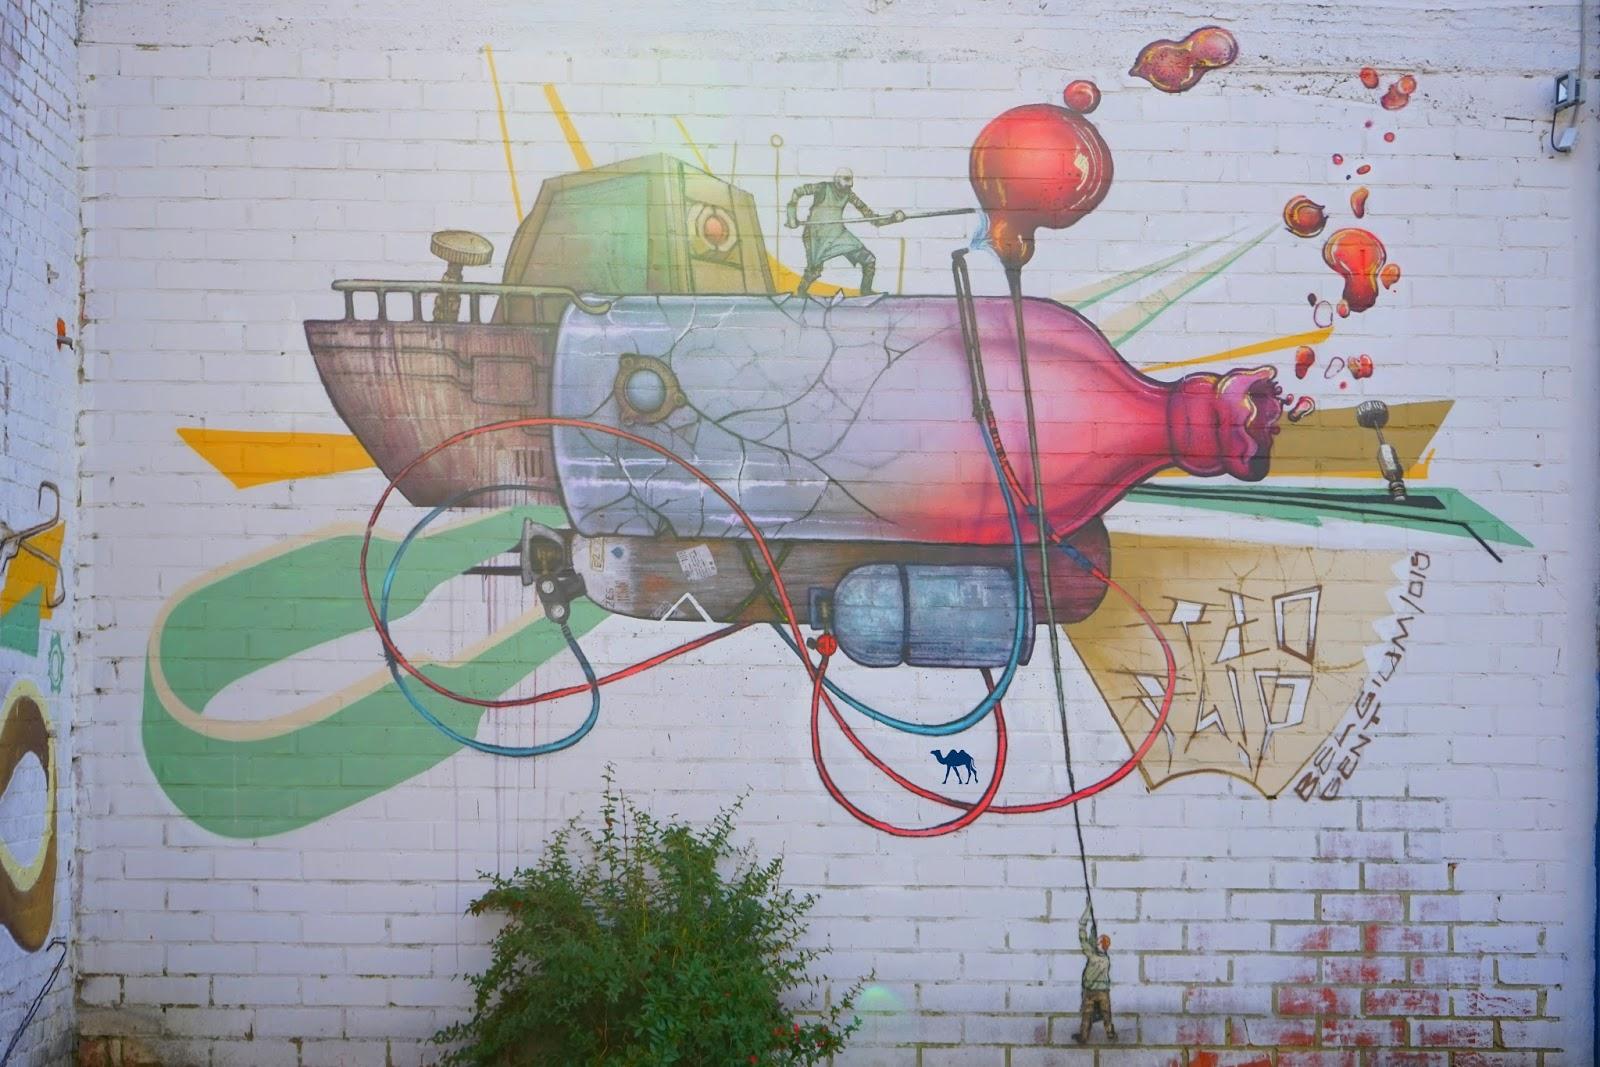 Le Chameau Bleu - Blog Voyage Gand Belgique - Gent Glas - Street art 3 - Chose à voir à Gand